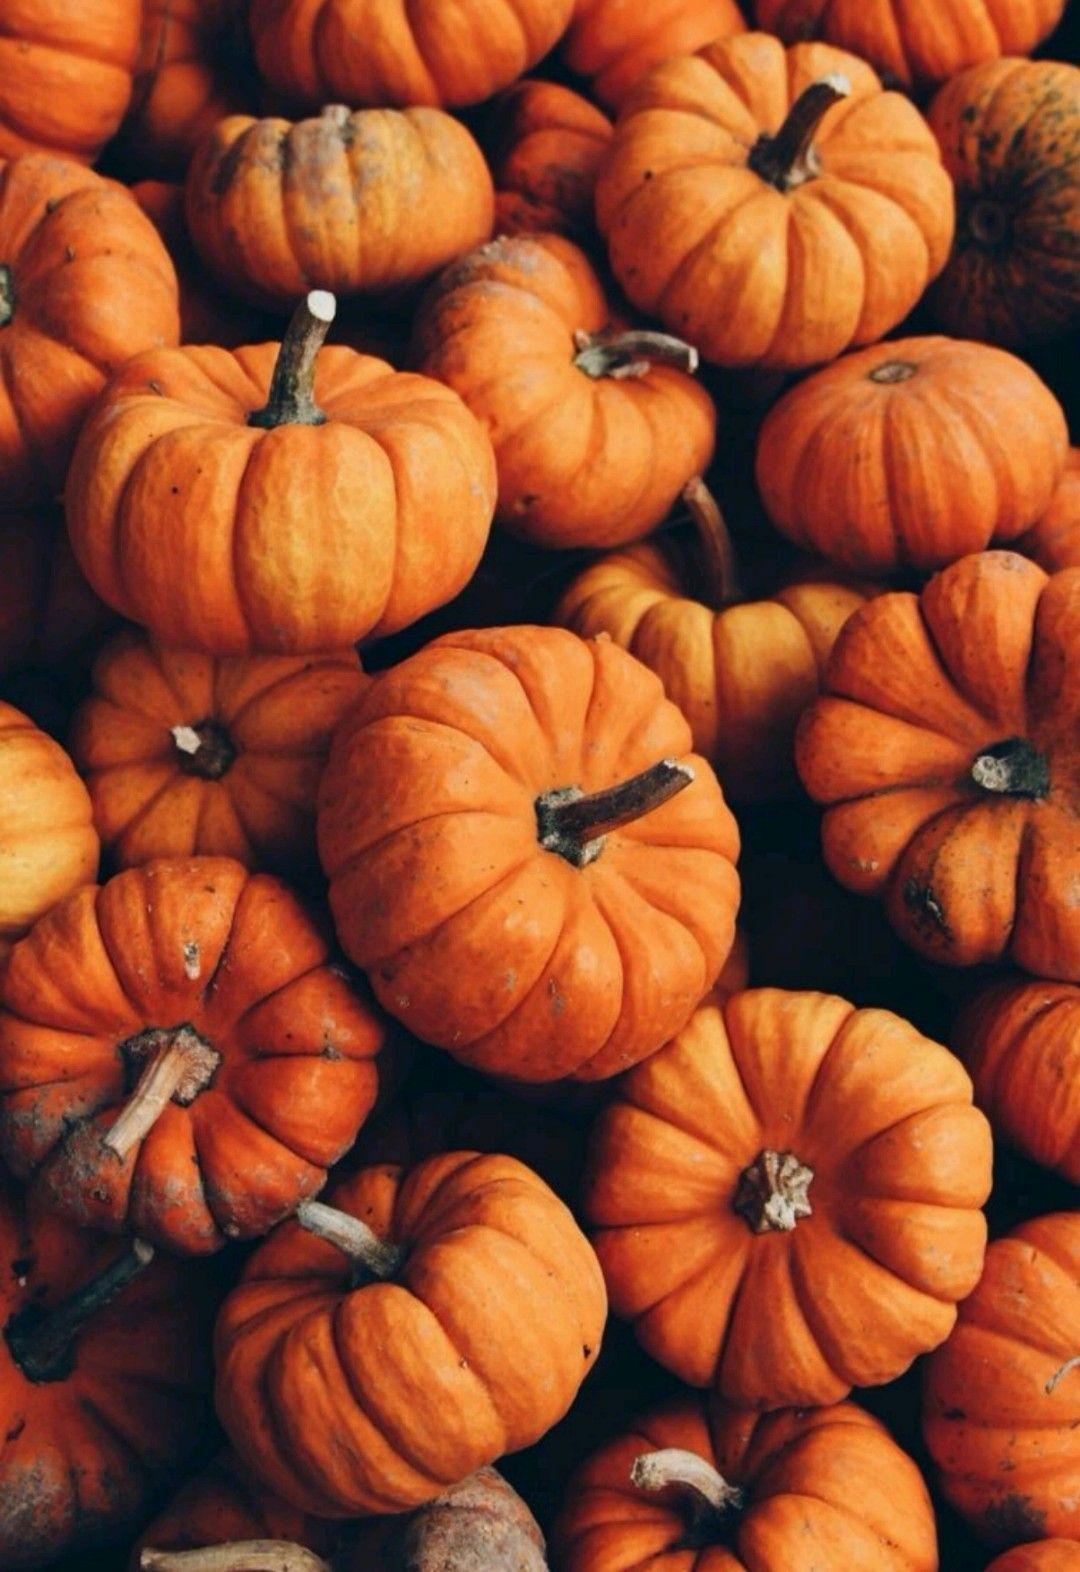 Astheticwallpaperiphonenature Fall Wallpaper Thanksgiving Wallpaper Iphone Wallpaper Fall